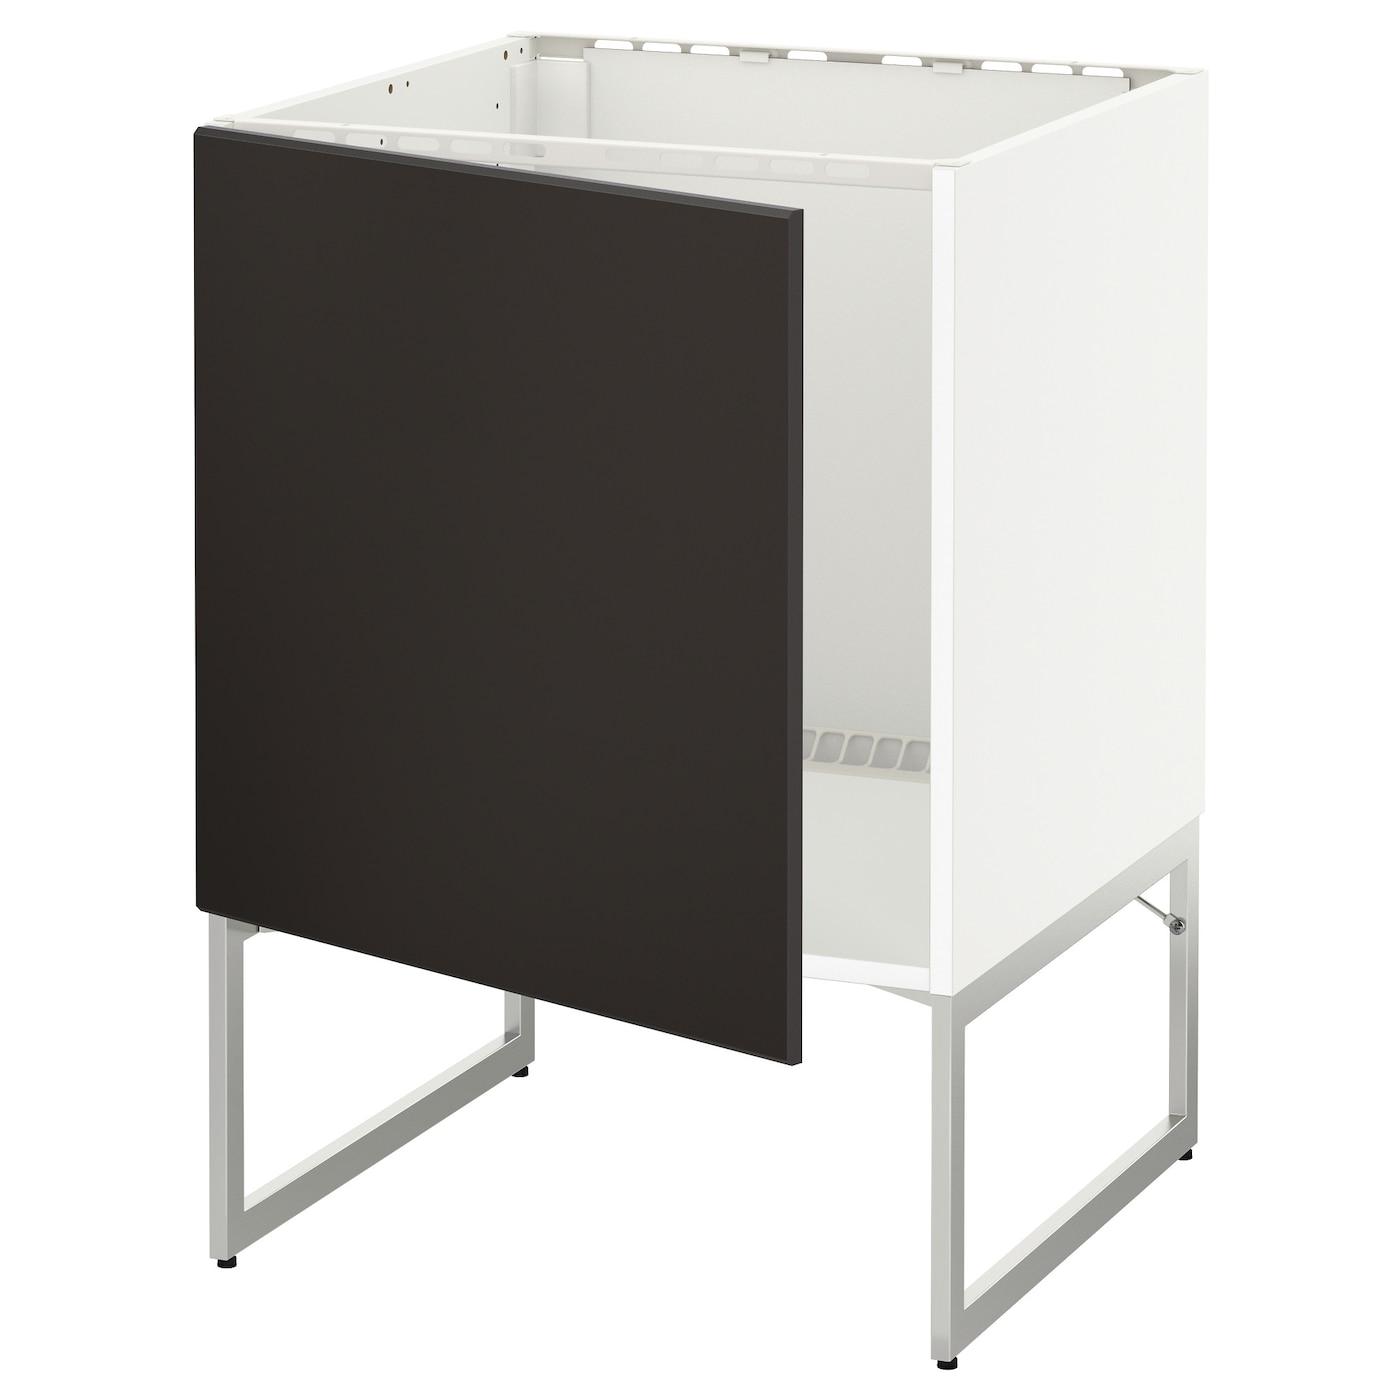 Metod Base Cabinet For Sink Black Järsta Orange 60x60 Cm: METOD Base Cabinet For Sink White/kungsbacka Anthracite